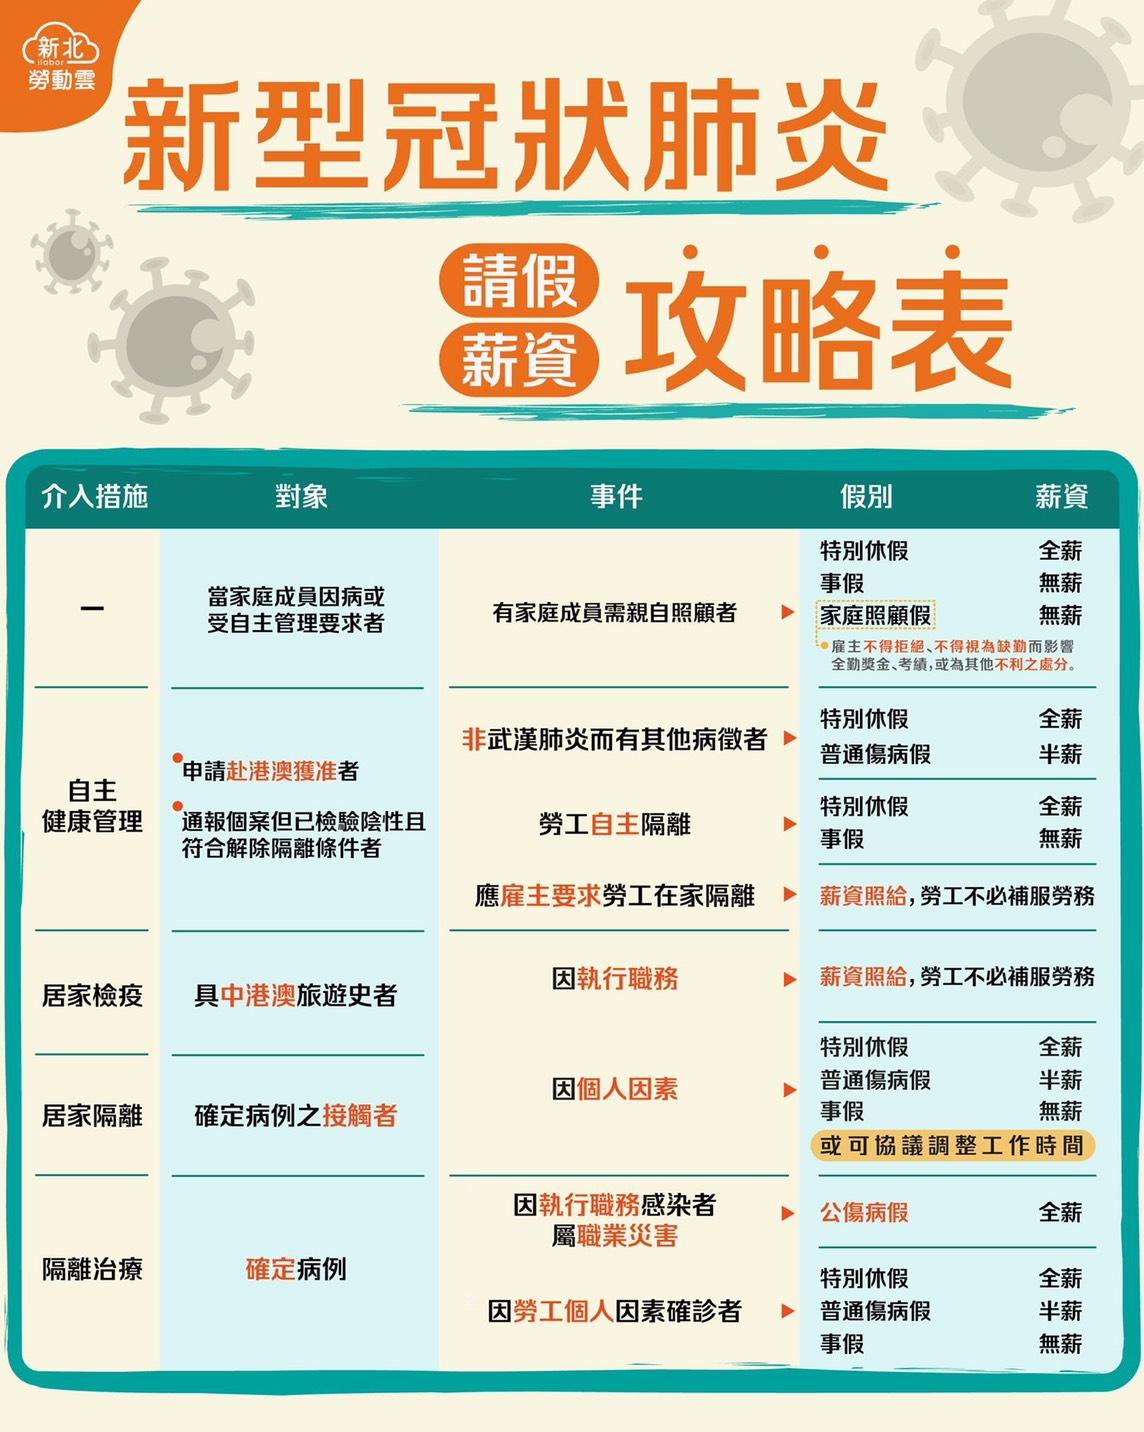 武漢肺炎請假薪資攻略表|新北勞動雲-HR